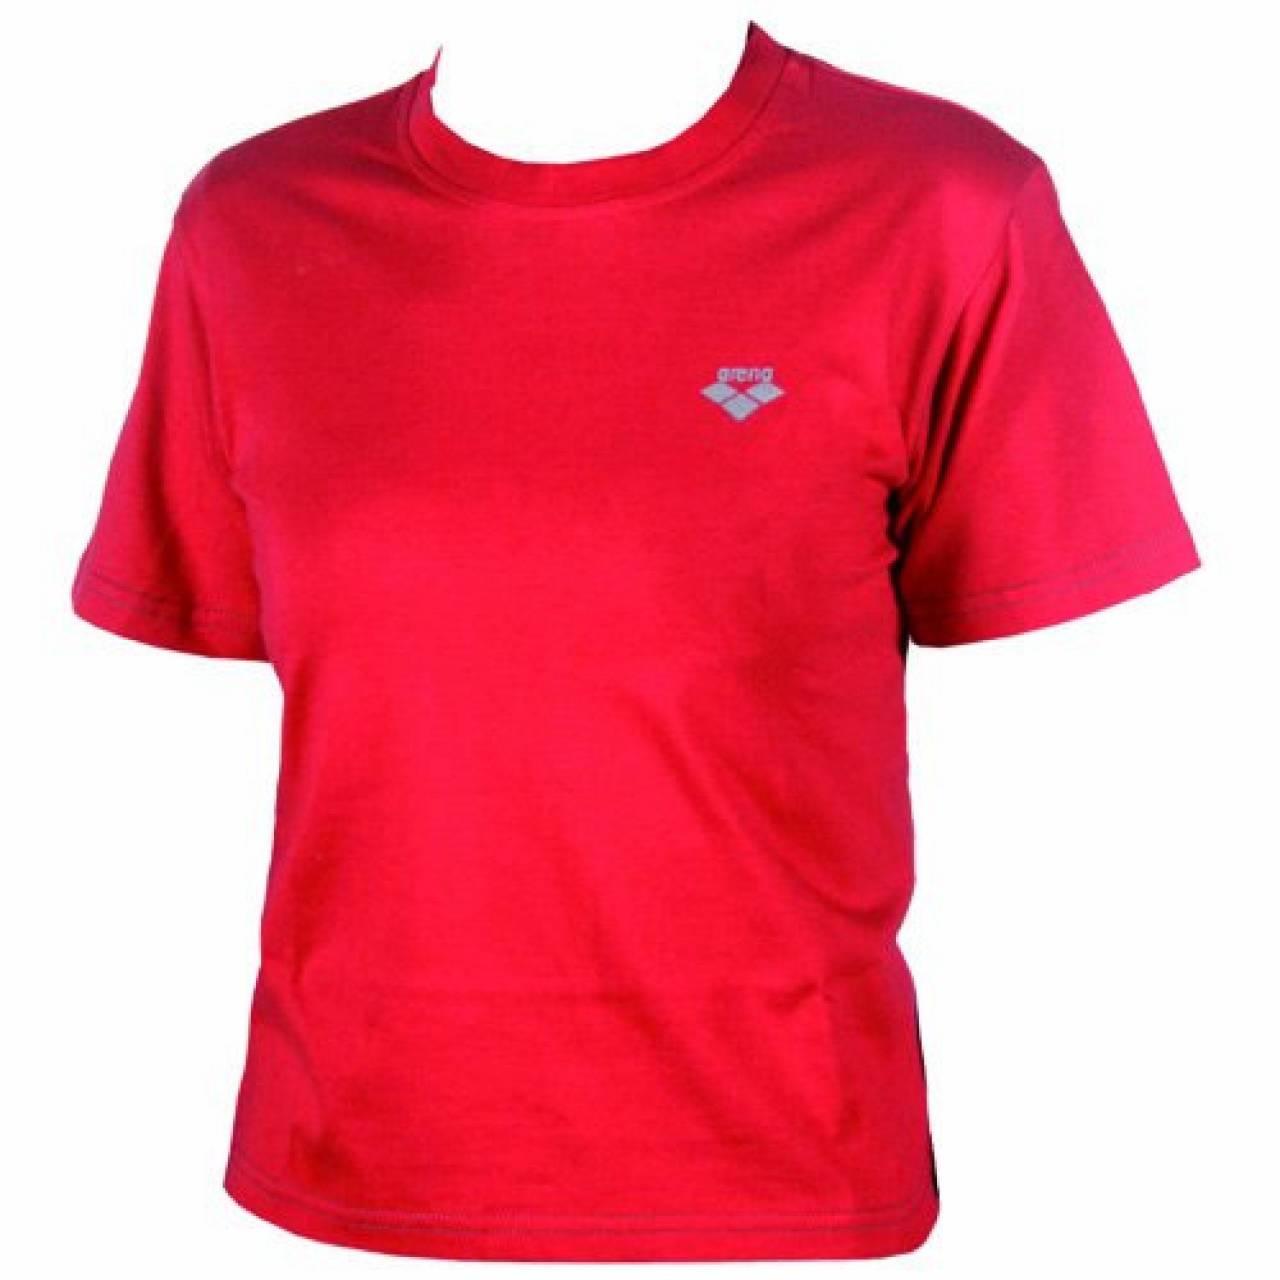 arena Kinder T-Shirt Caiak jr